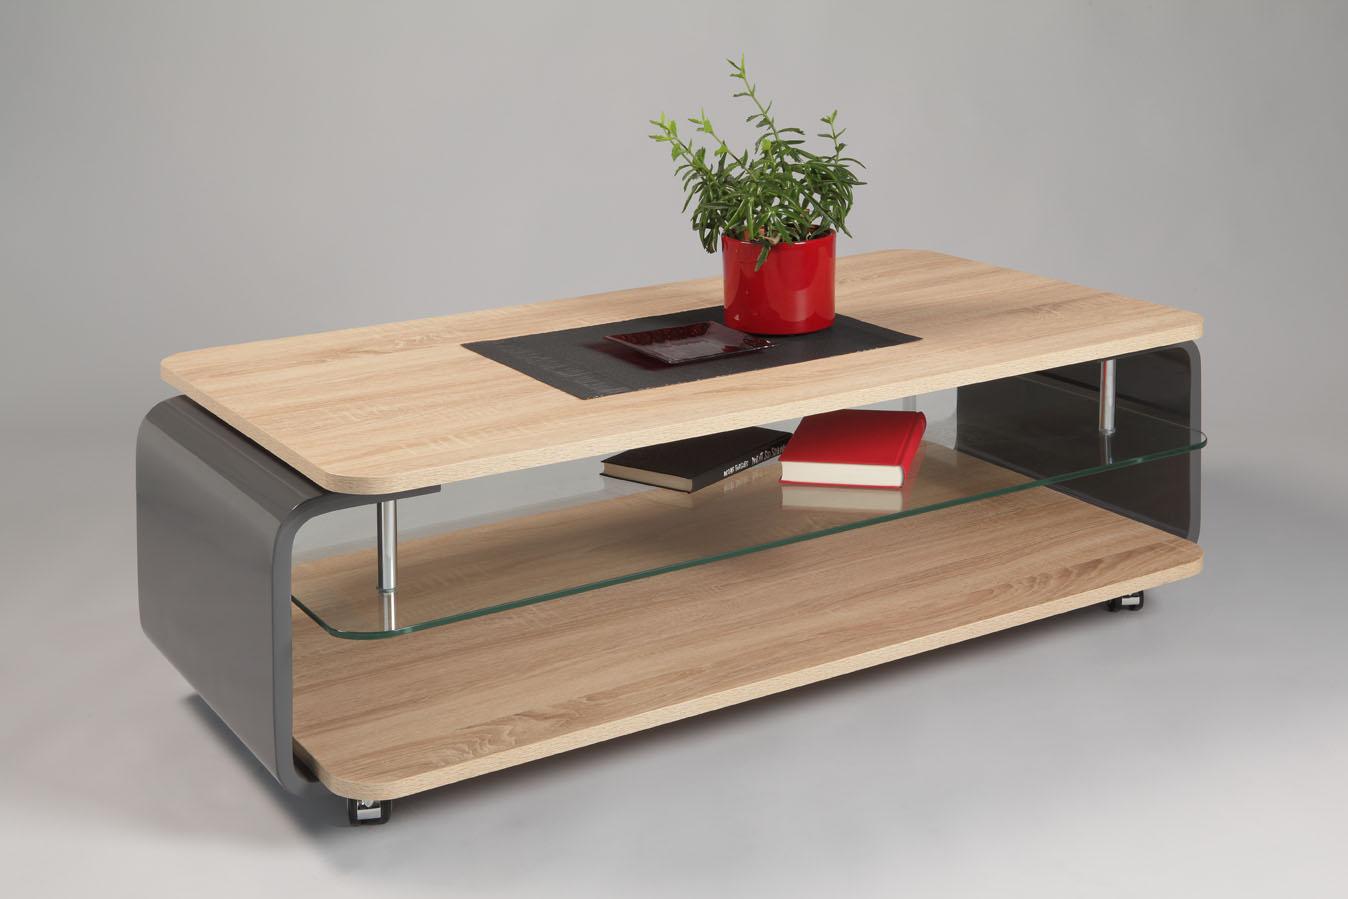 Table En Bois Chene Clair table basse design verre et bois chêne clair/gris brillant lorena